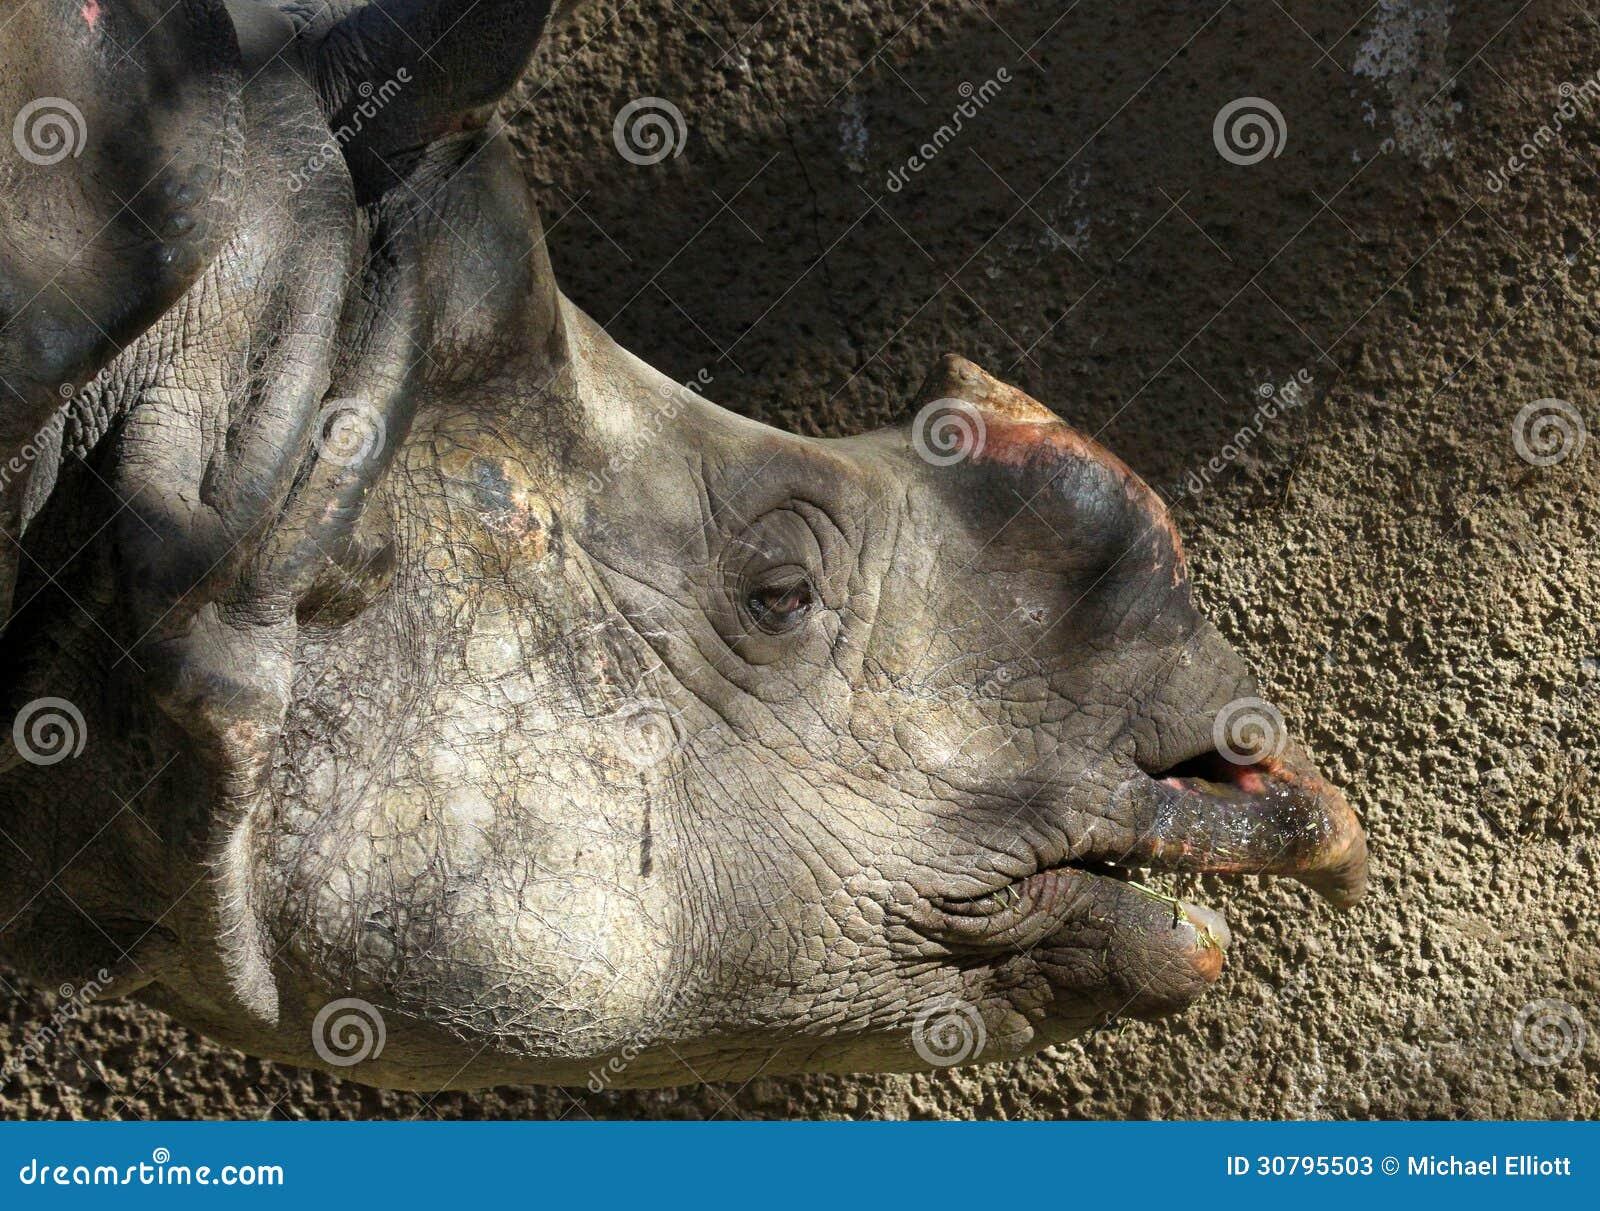 how to close mesh rhino